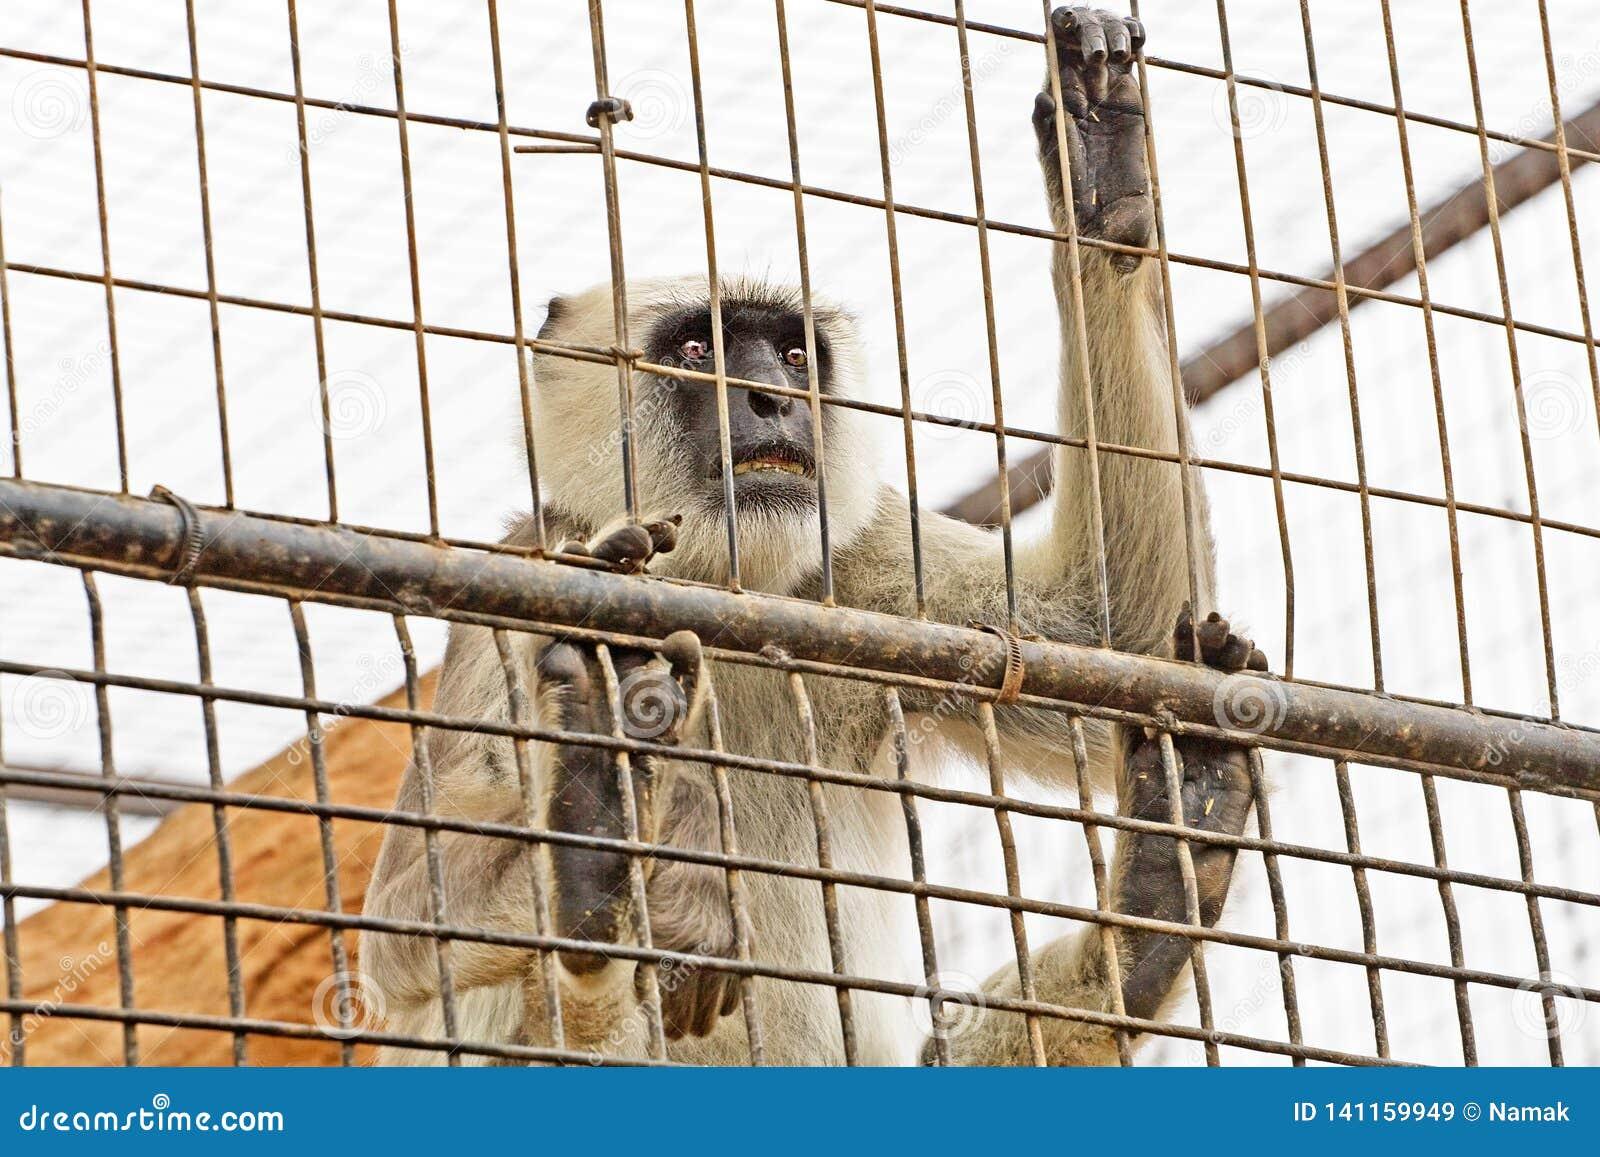 Le primat regarde hors de la cage